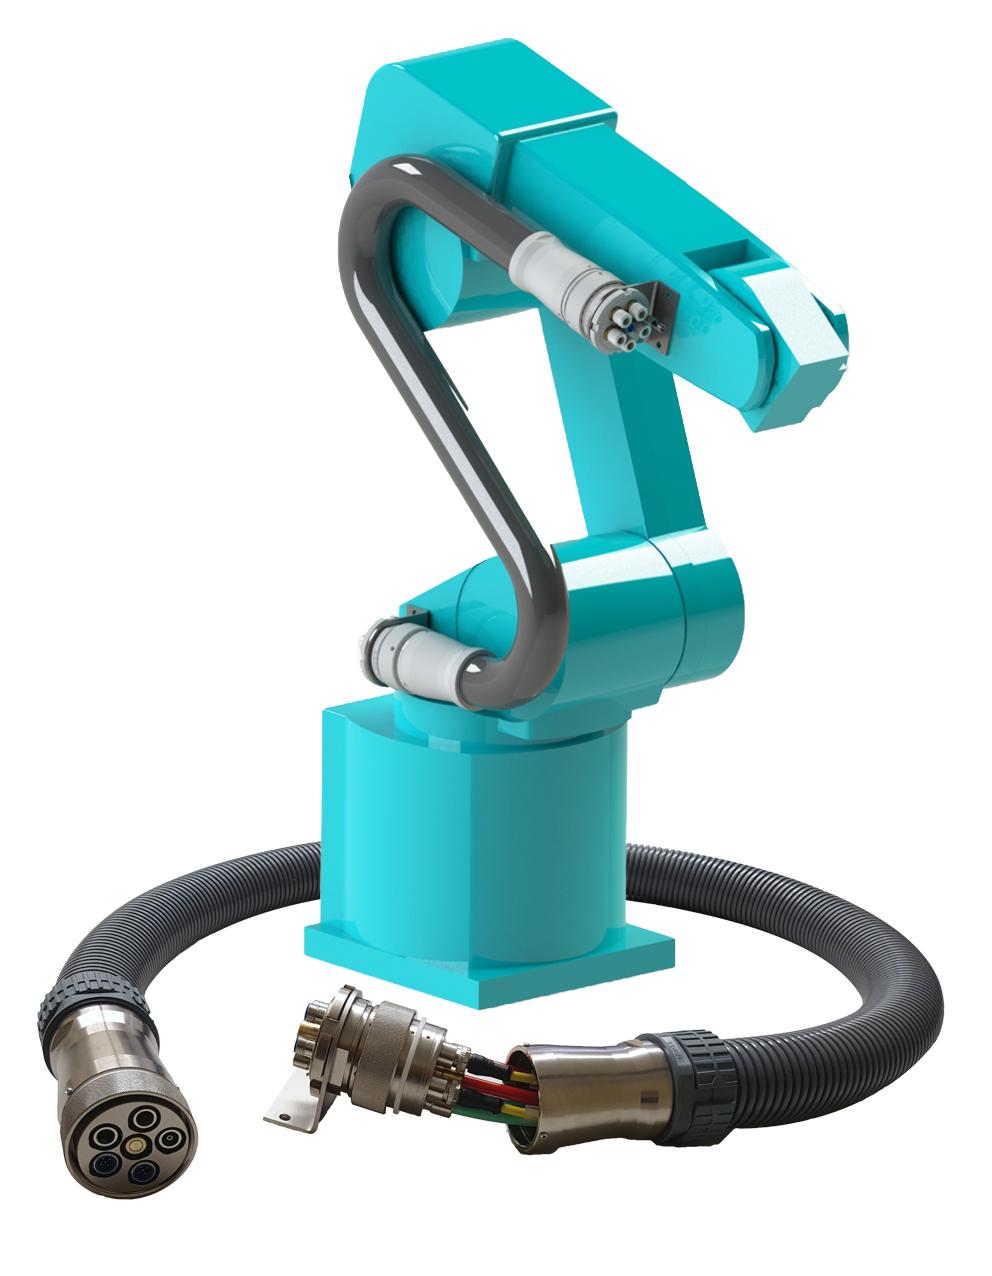 Die Multiline E Wechseleinheit für Roboter ermöglicht die Montage und Demontage der kompletten Versorgungsleitungen in wenigen Minuten.